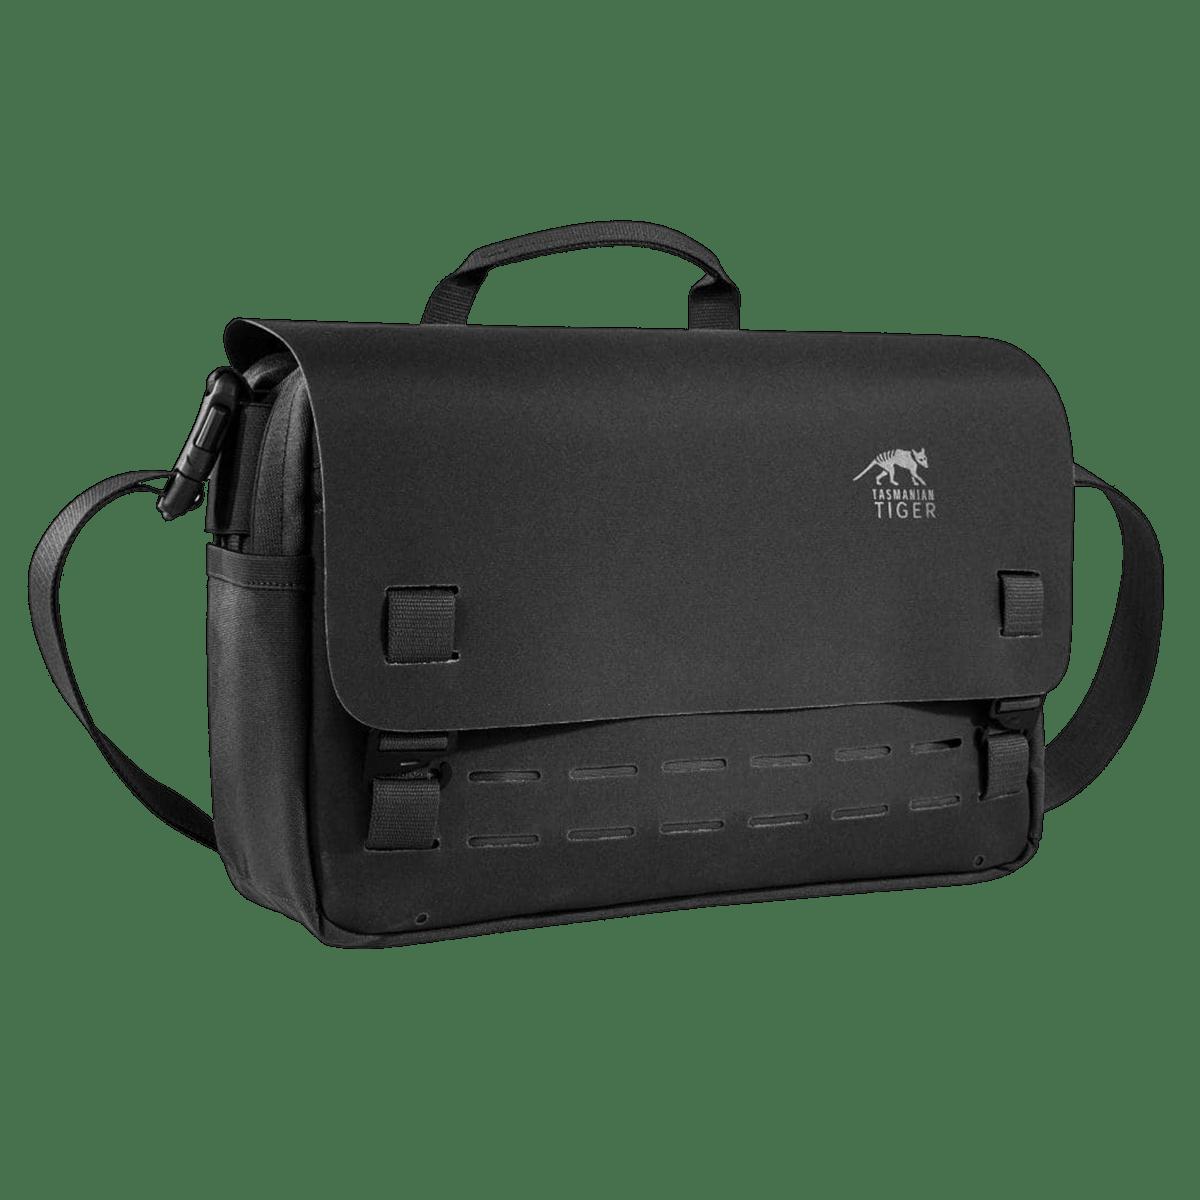 Tasmanian Tiger Support Bag